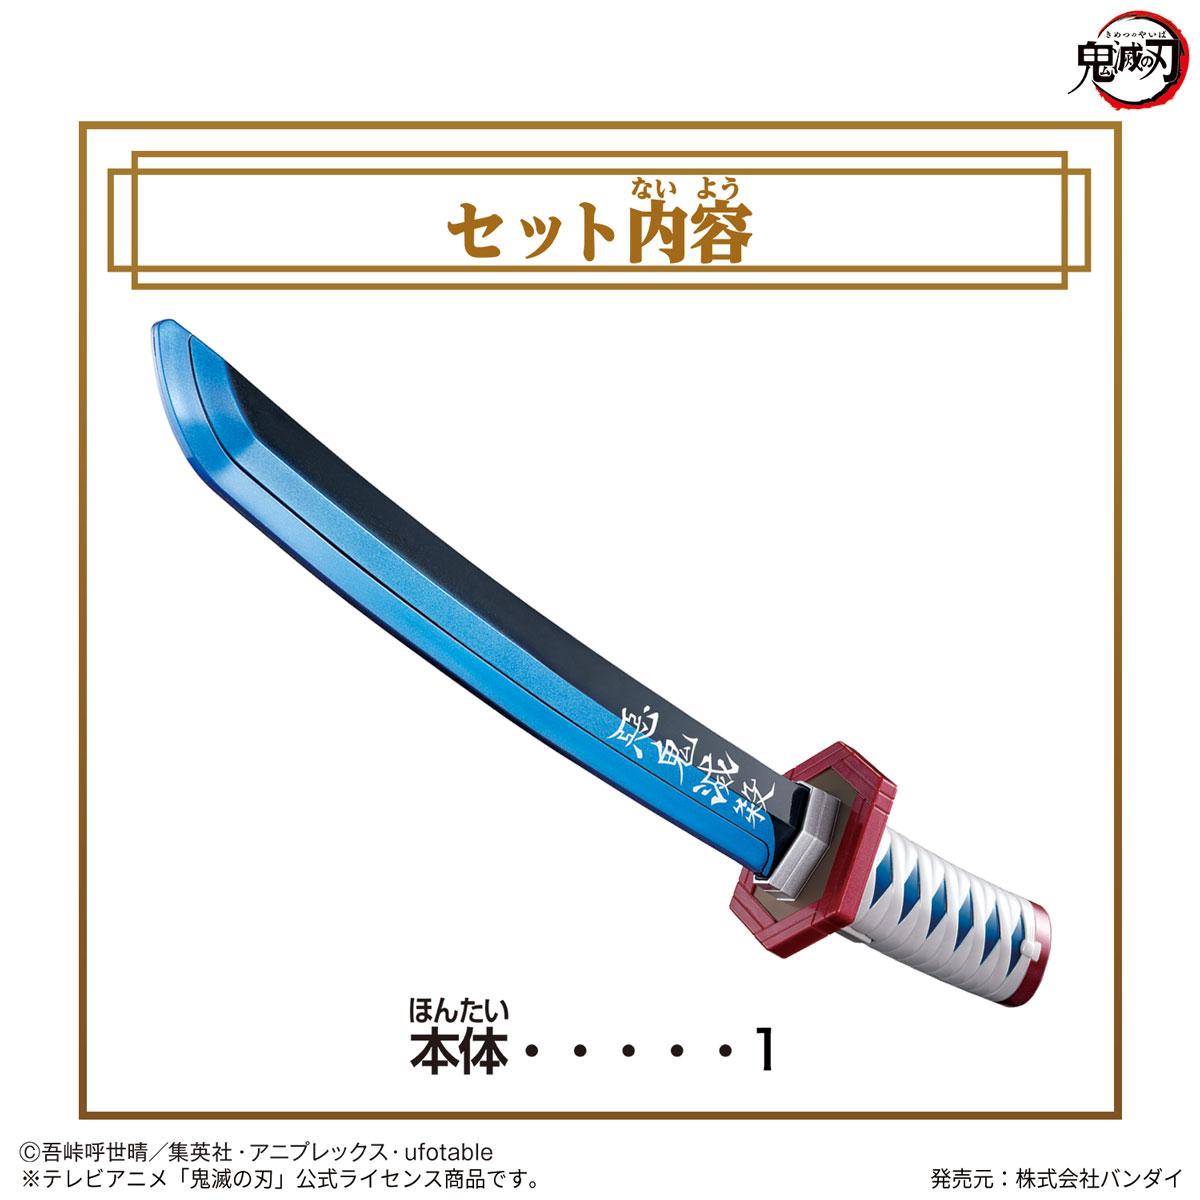 鬼滅の刃『NARIKIRI日輪刀~竈門炭治郎~』変身なりきり-017